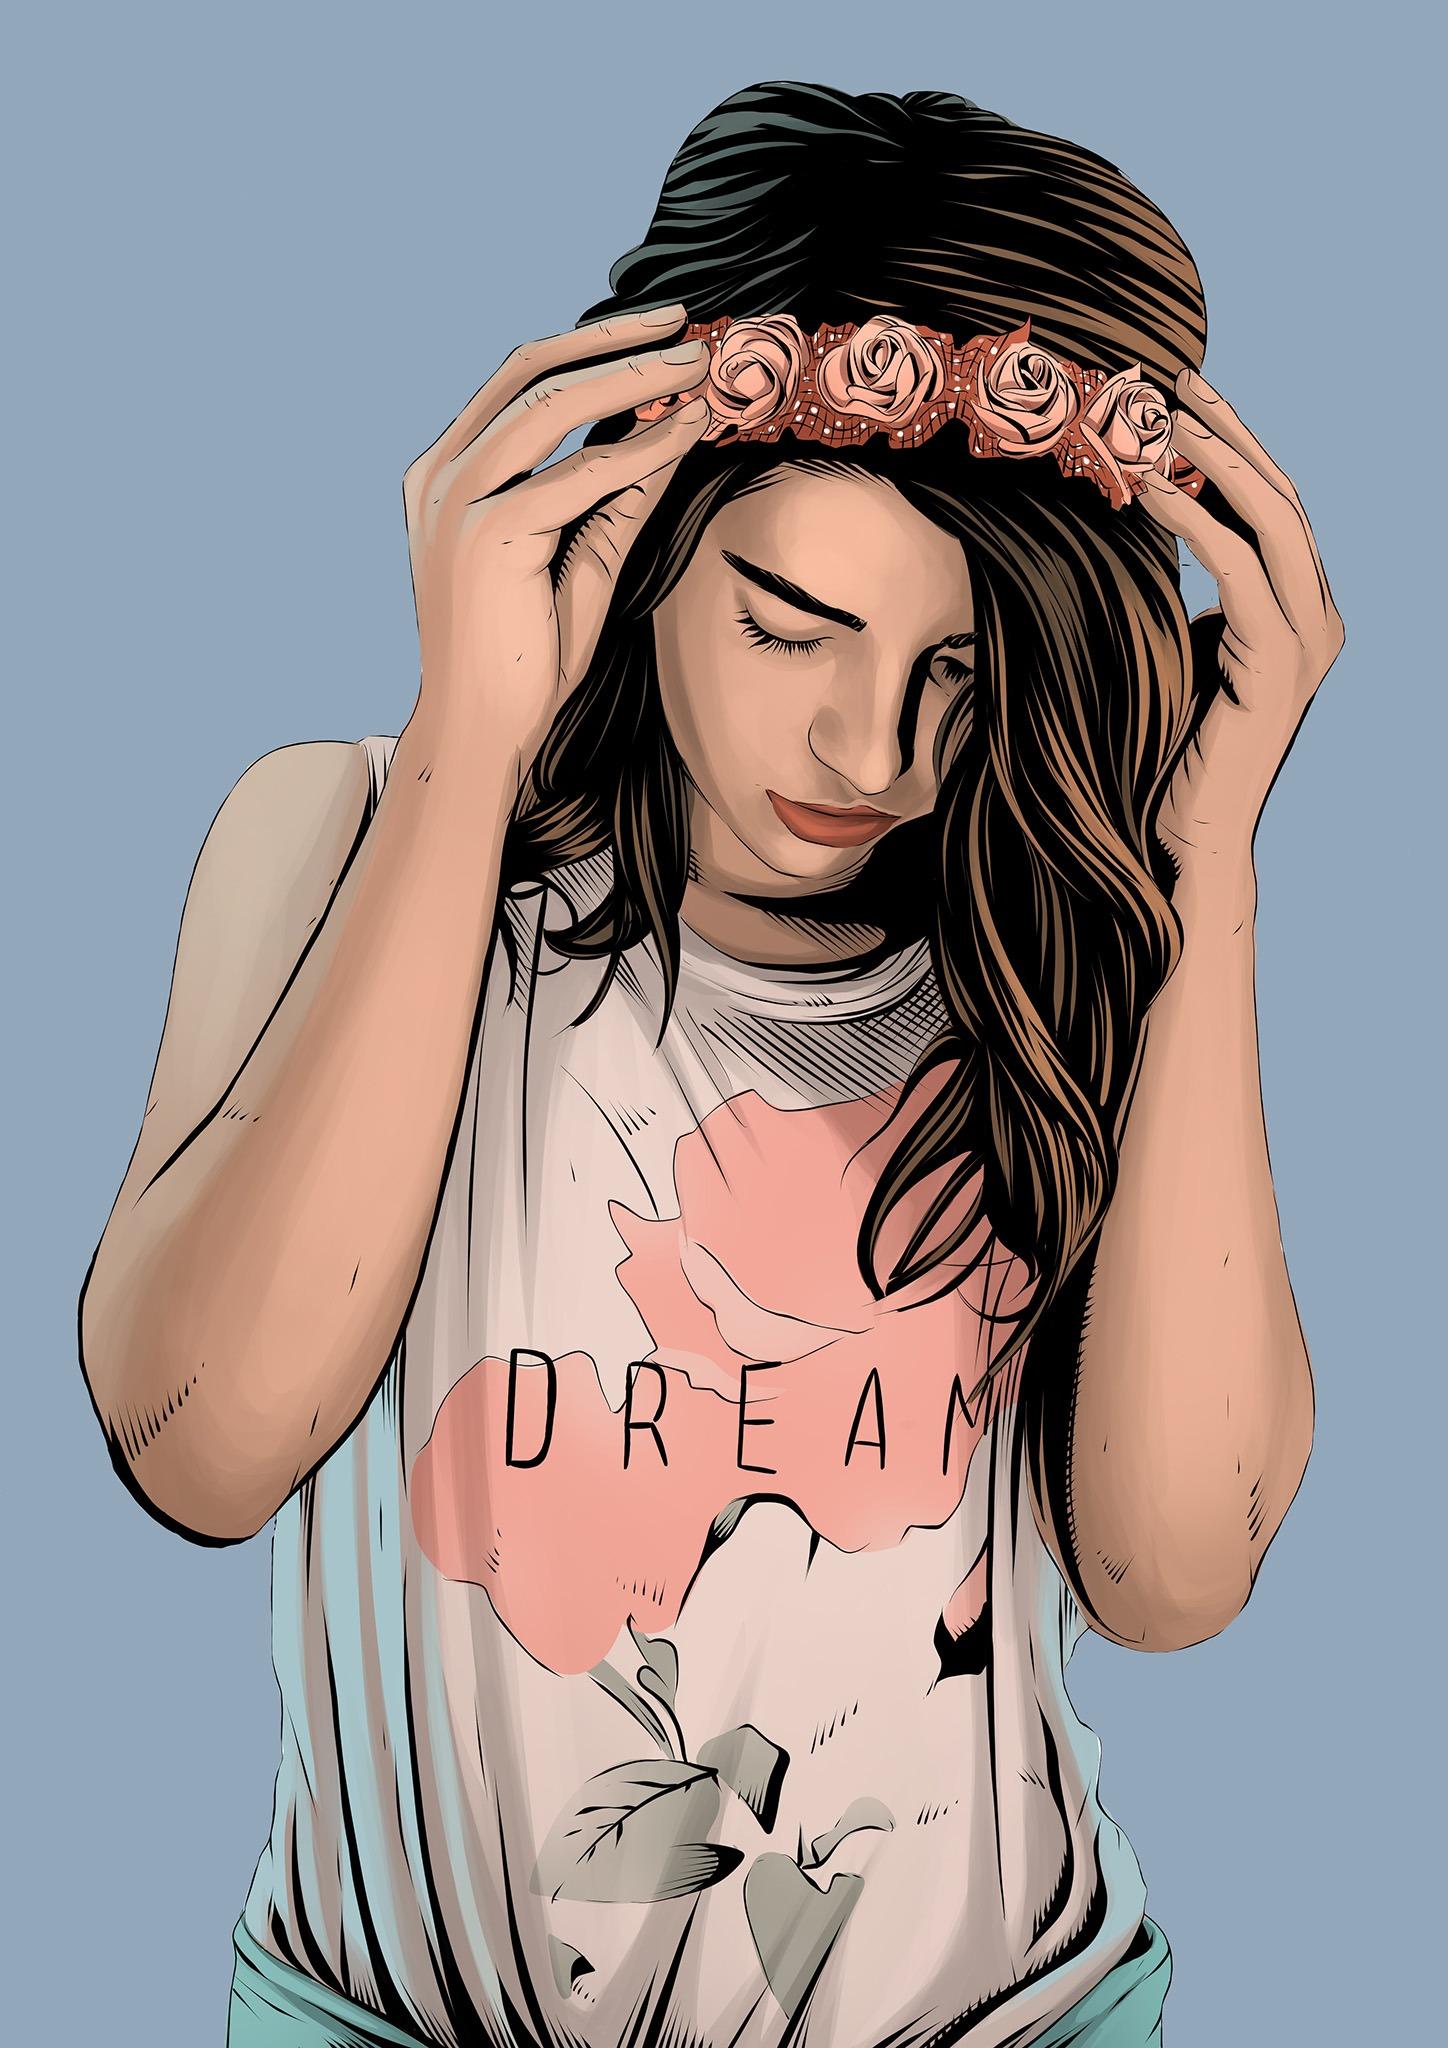 Jeune femme portant une couronne de roses et un t-shirt blanc où il est inscrit Dream